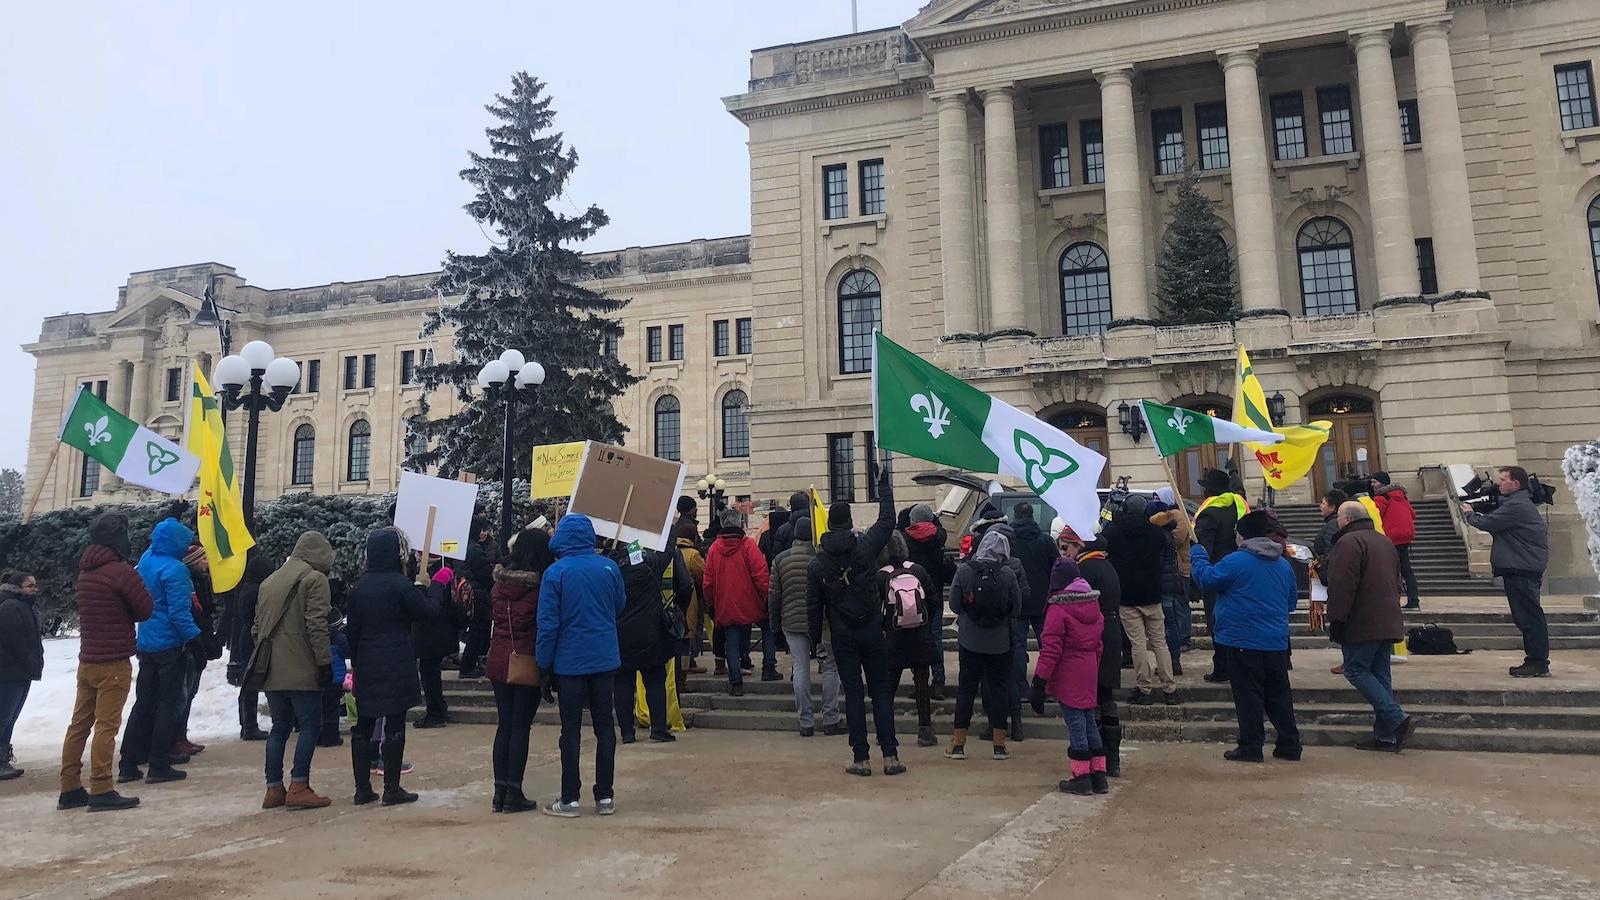 Des dizaines de personnes sont rassemblées devant l'Assemblée législative de la Saskatchewan. Elles brandissent des pancartes et des drapeaux fransaskois et franco-ontariens.